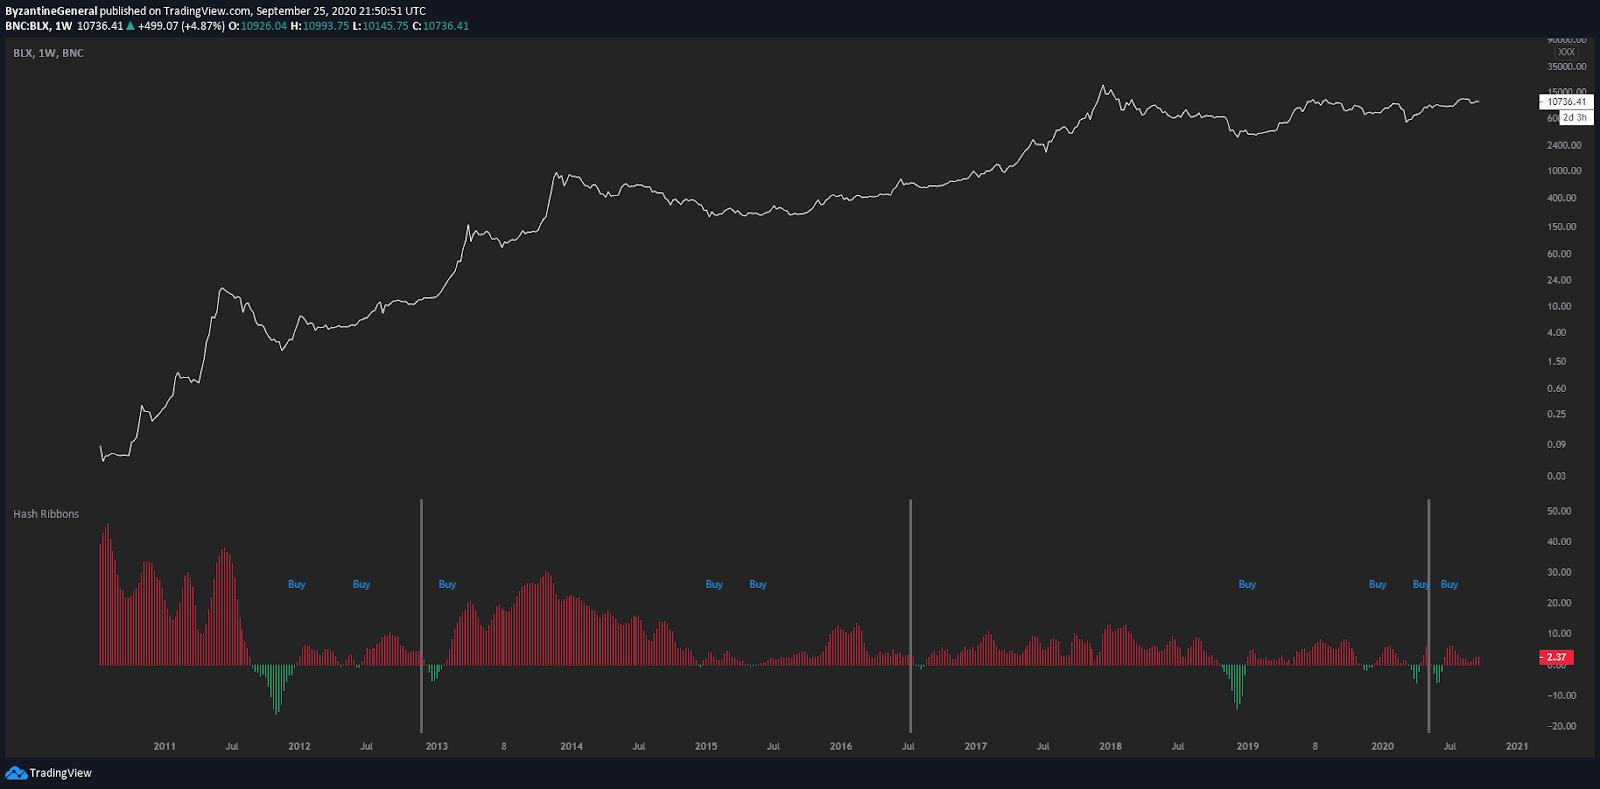 Indicatore hash ribbon tracciato sul grafico dei prezzi di BTC